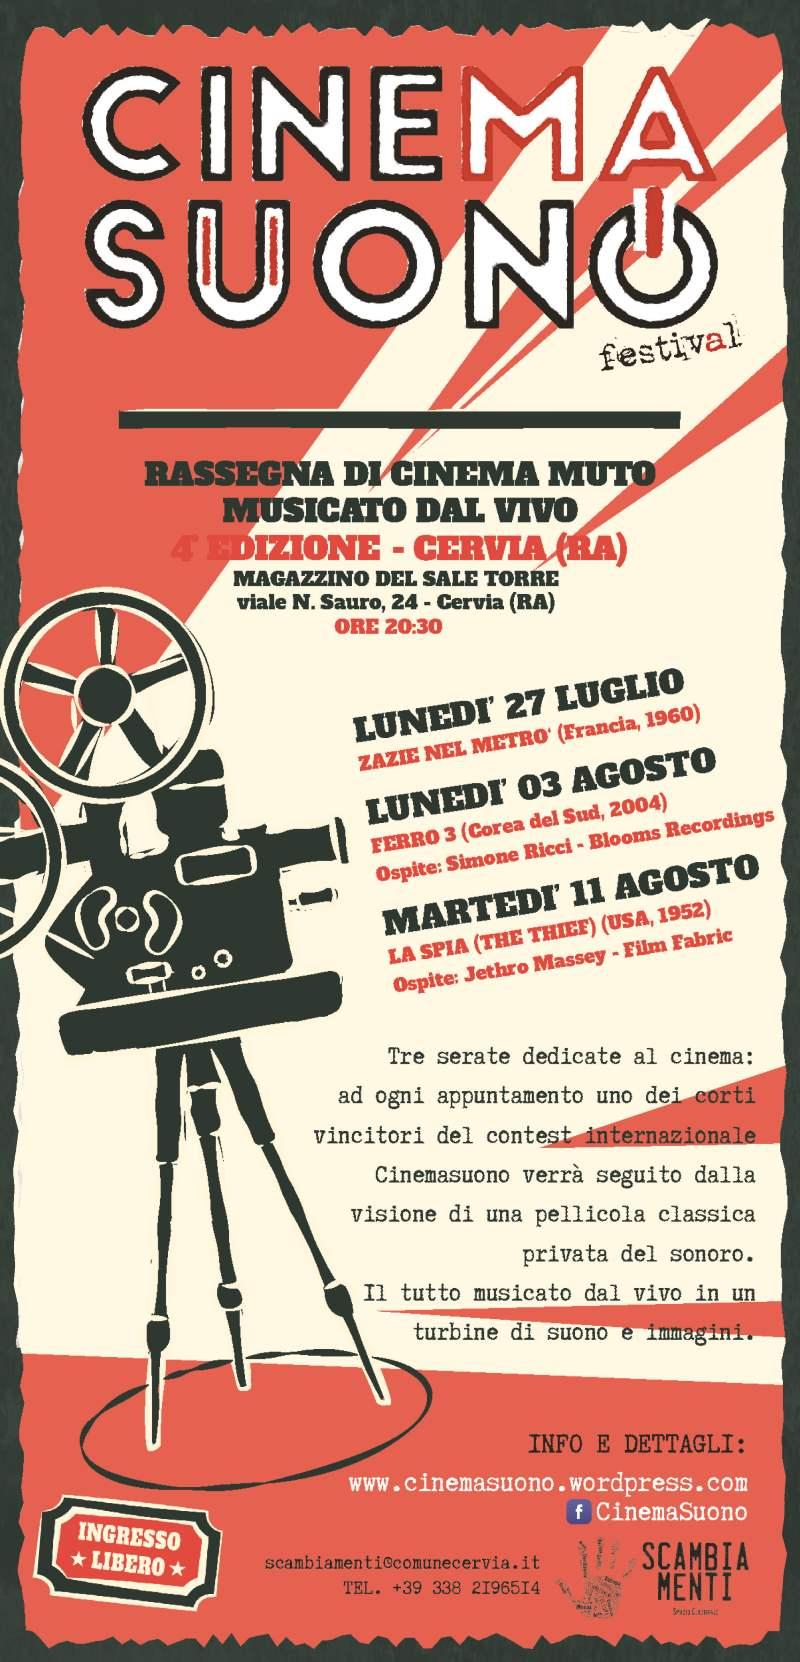 CinemaSuono, locandina 2020